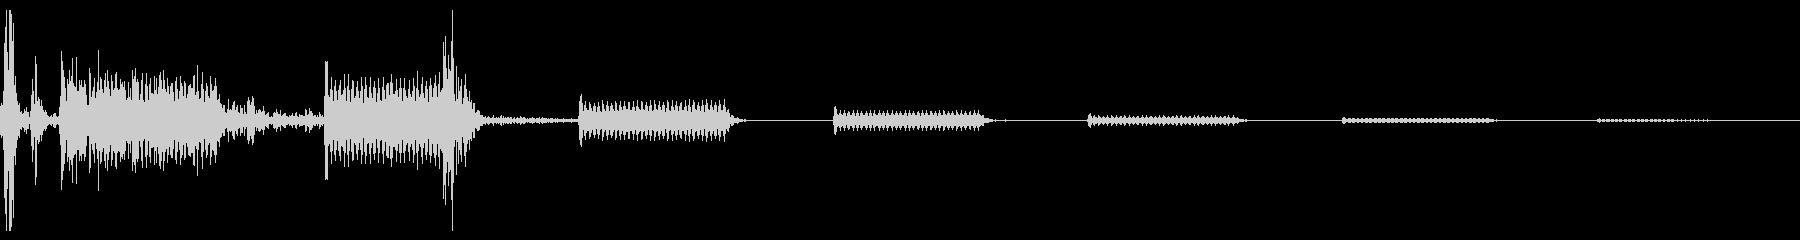 カチッピピピピッ(ターゲット選択音の未再生の波形